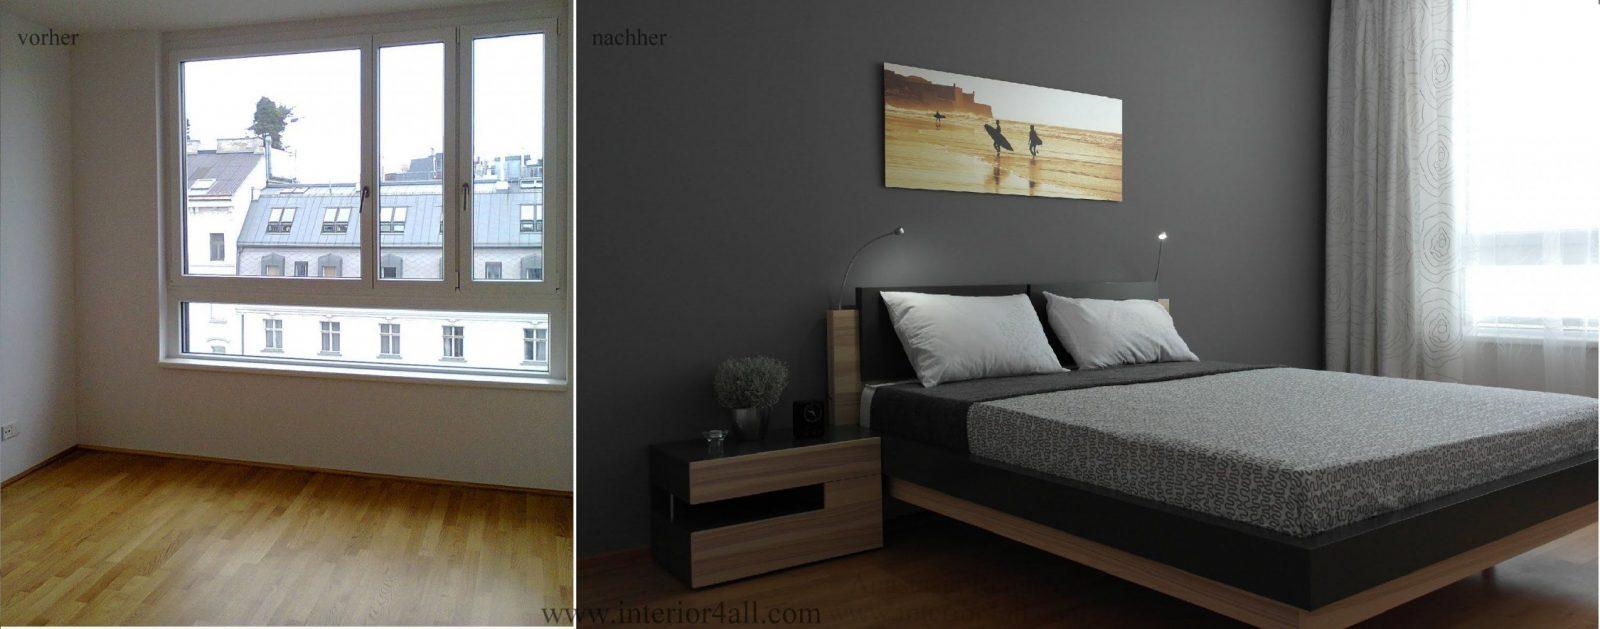 Schlafzimmer Ideen Kleiner Raum   Meine 5 ...